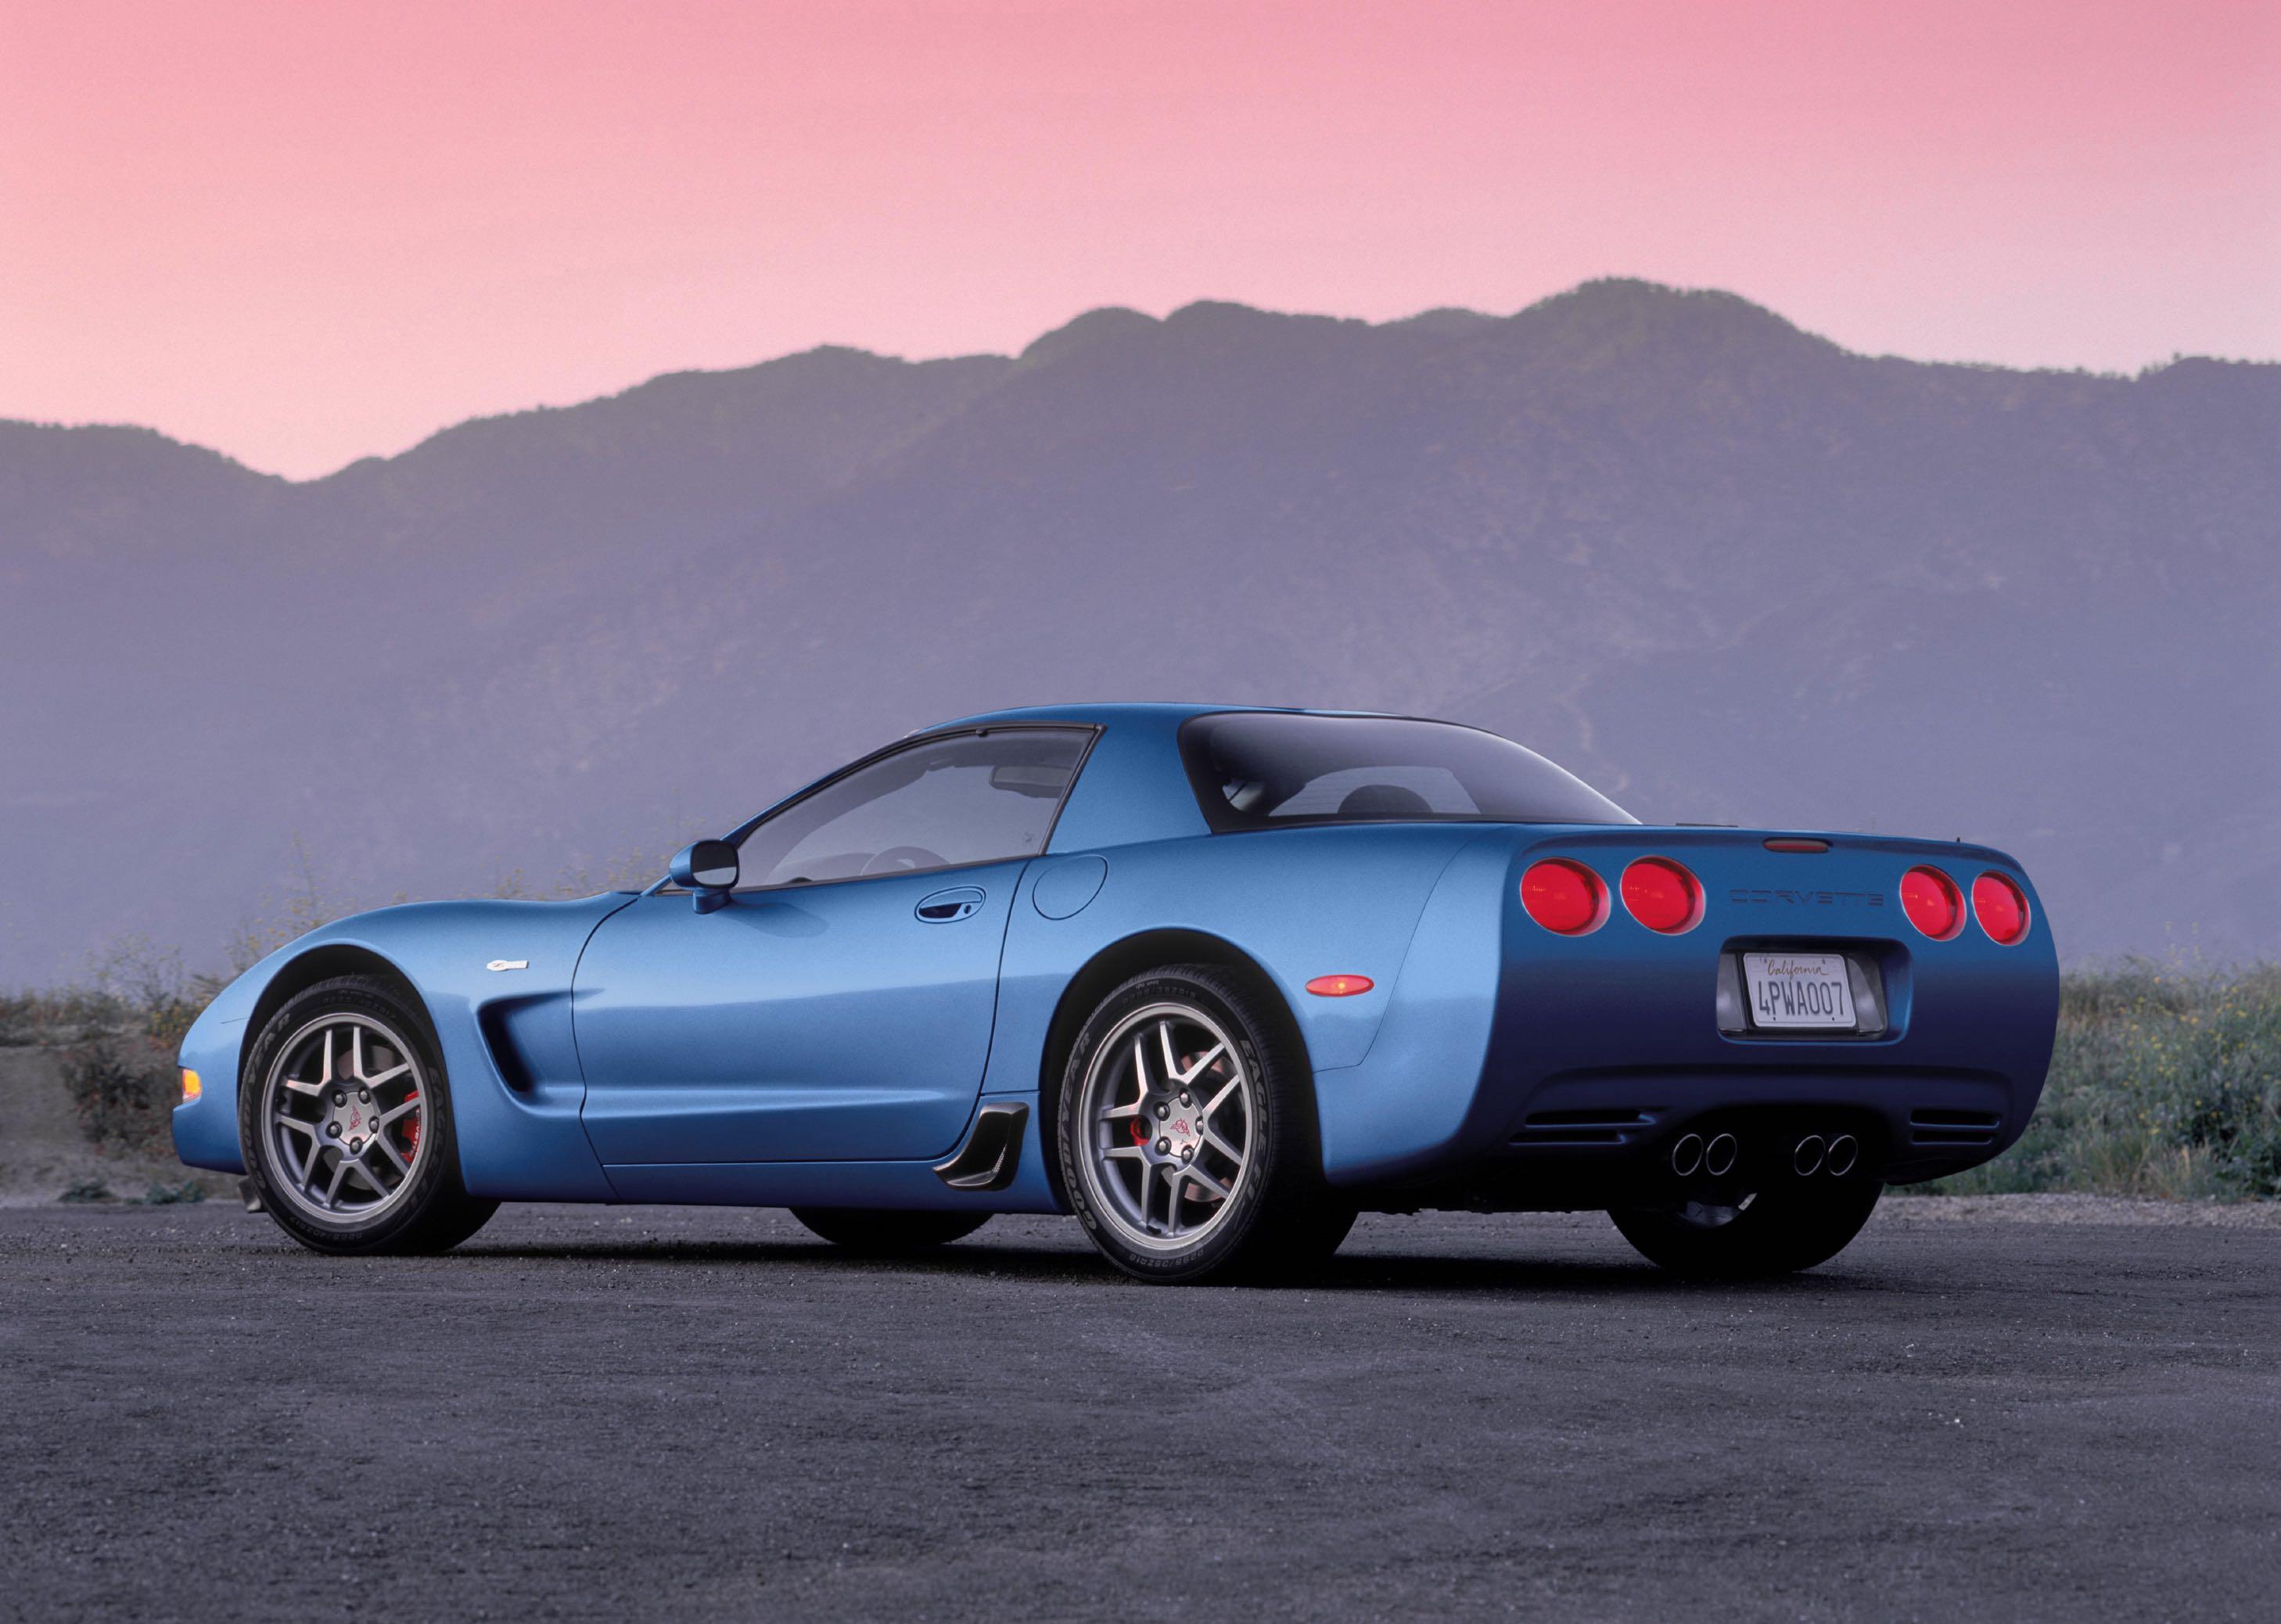 2002 Corvette Z06 blue sunset